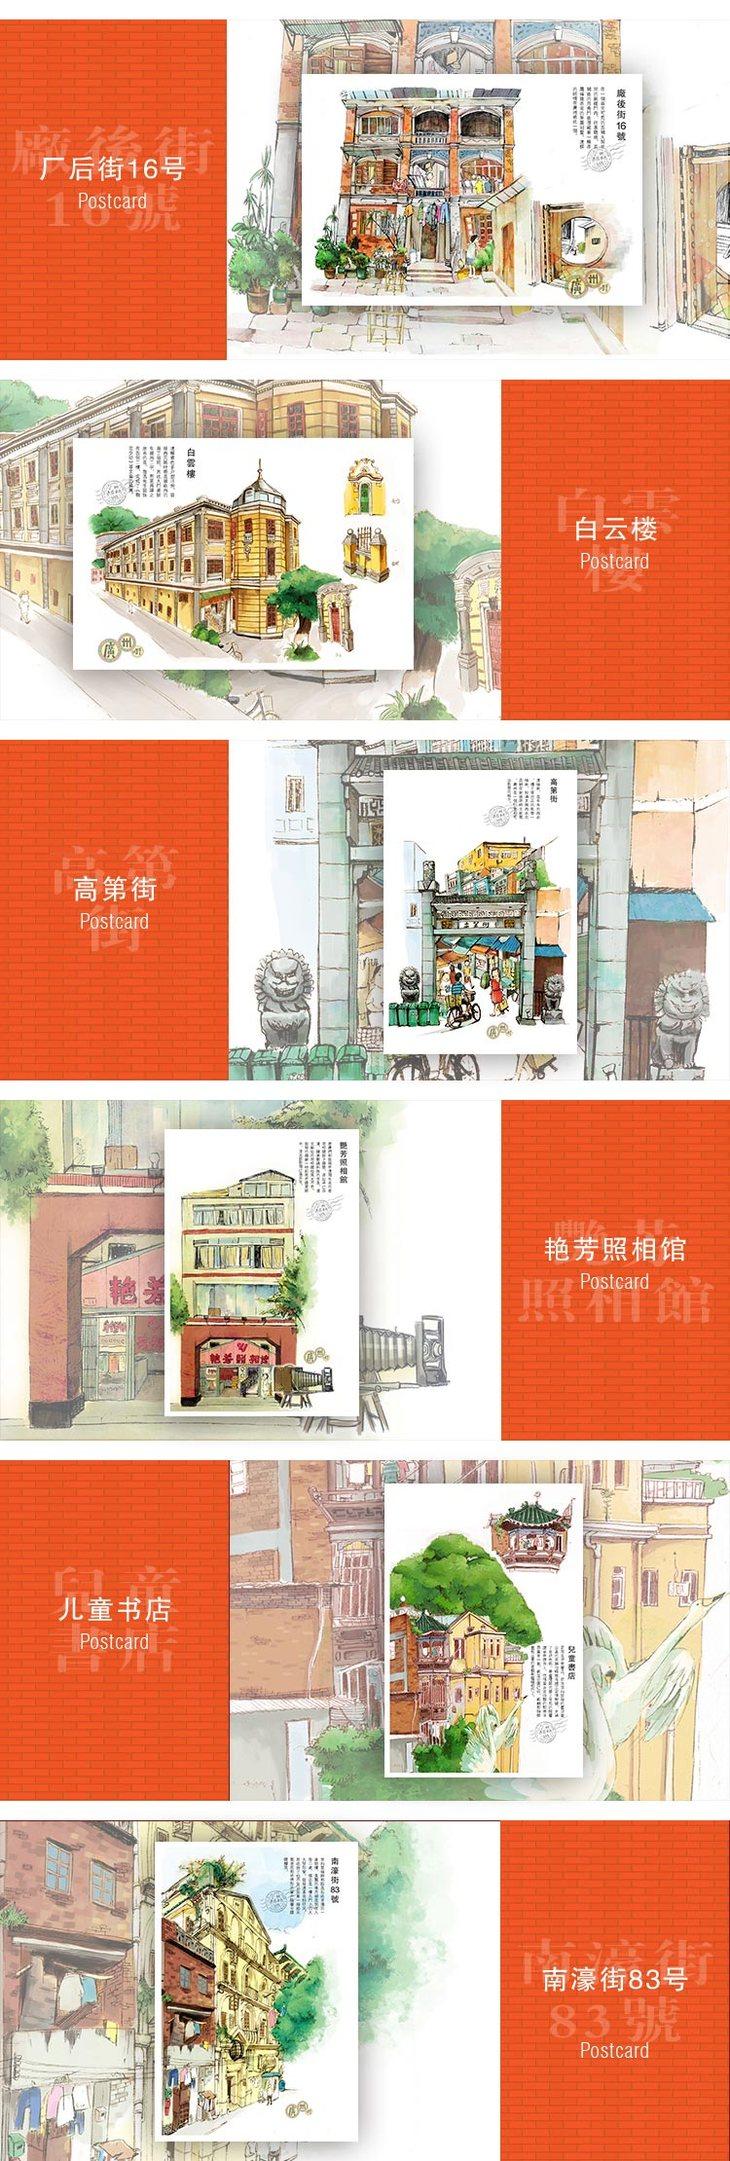 广州嘢手绘明信片-越秀 / 荔湾